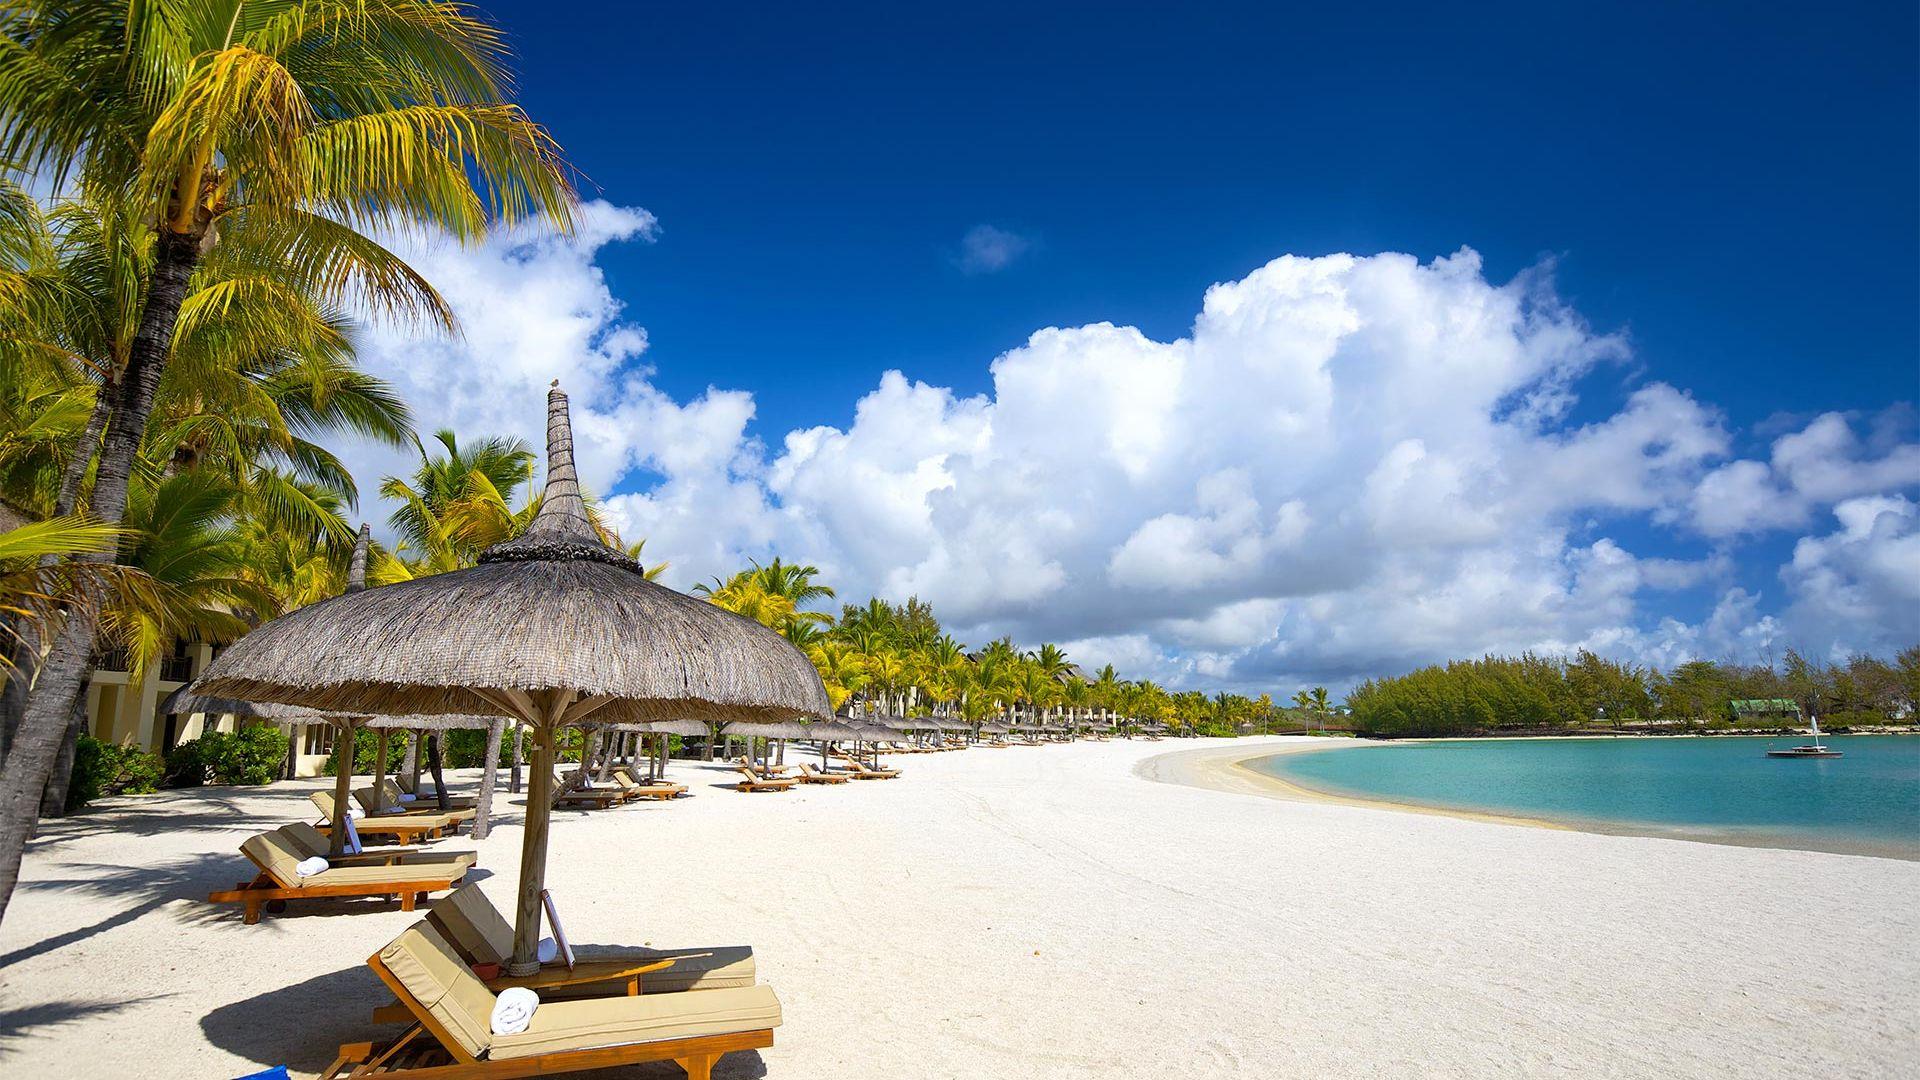 Sejur plaja Mauritius, 10 zile - 6 ianuarie 2022